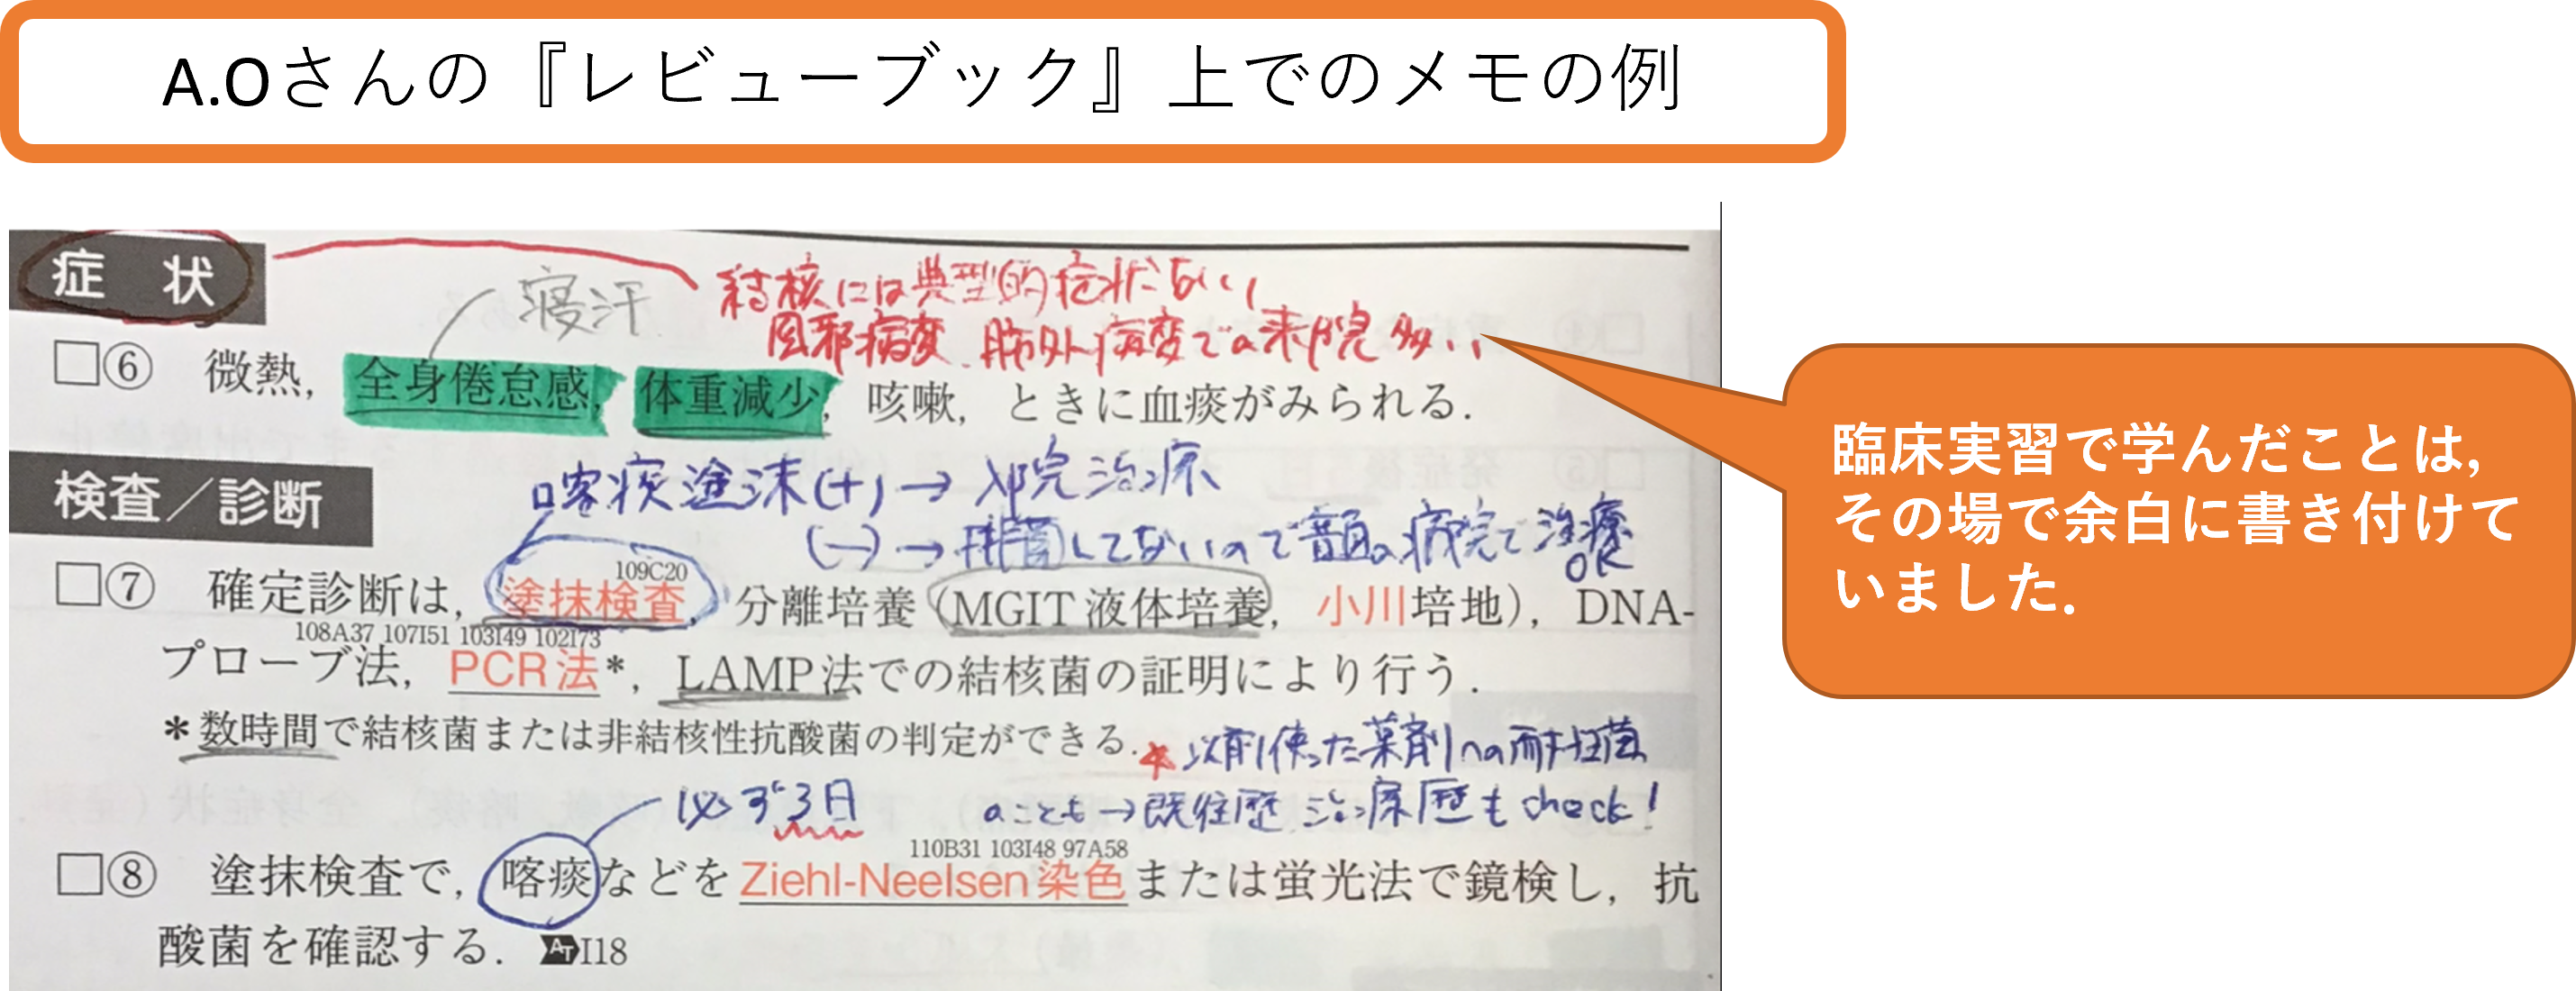 レビューブック内科・外科上に書きつけるメモの例